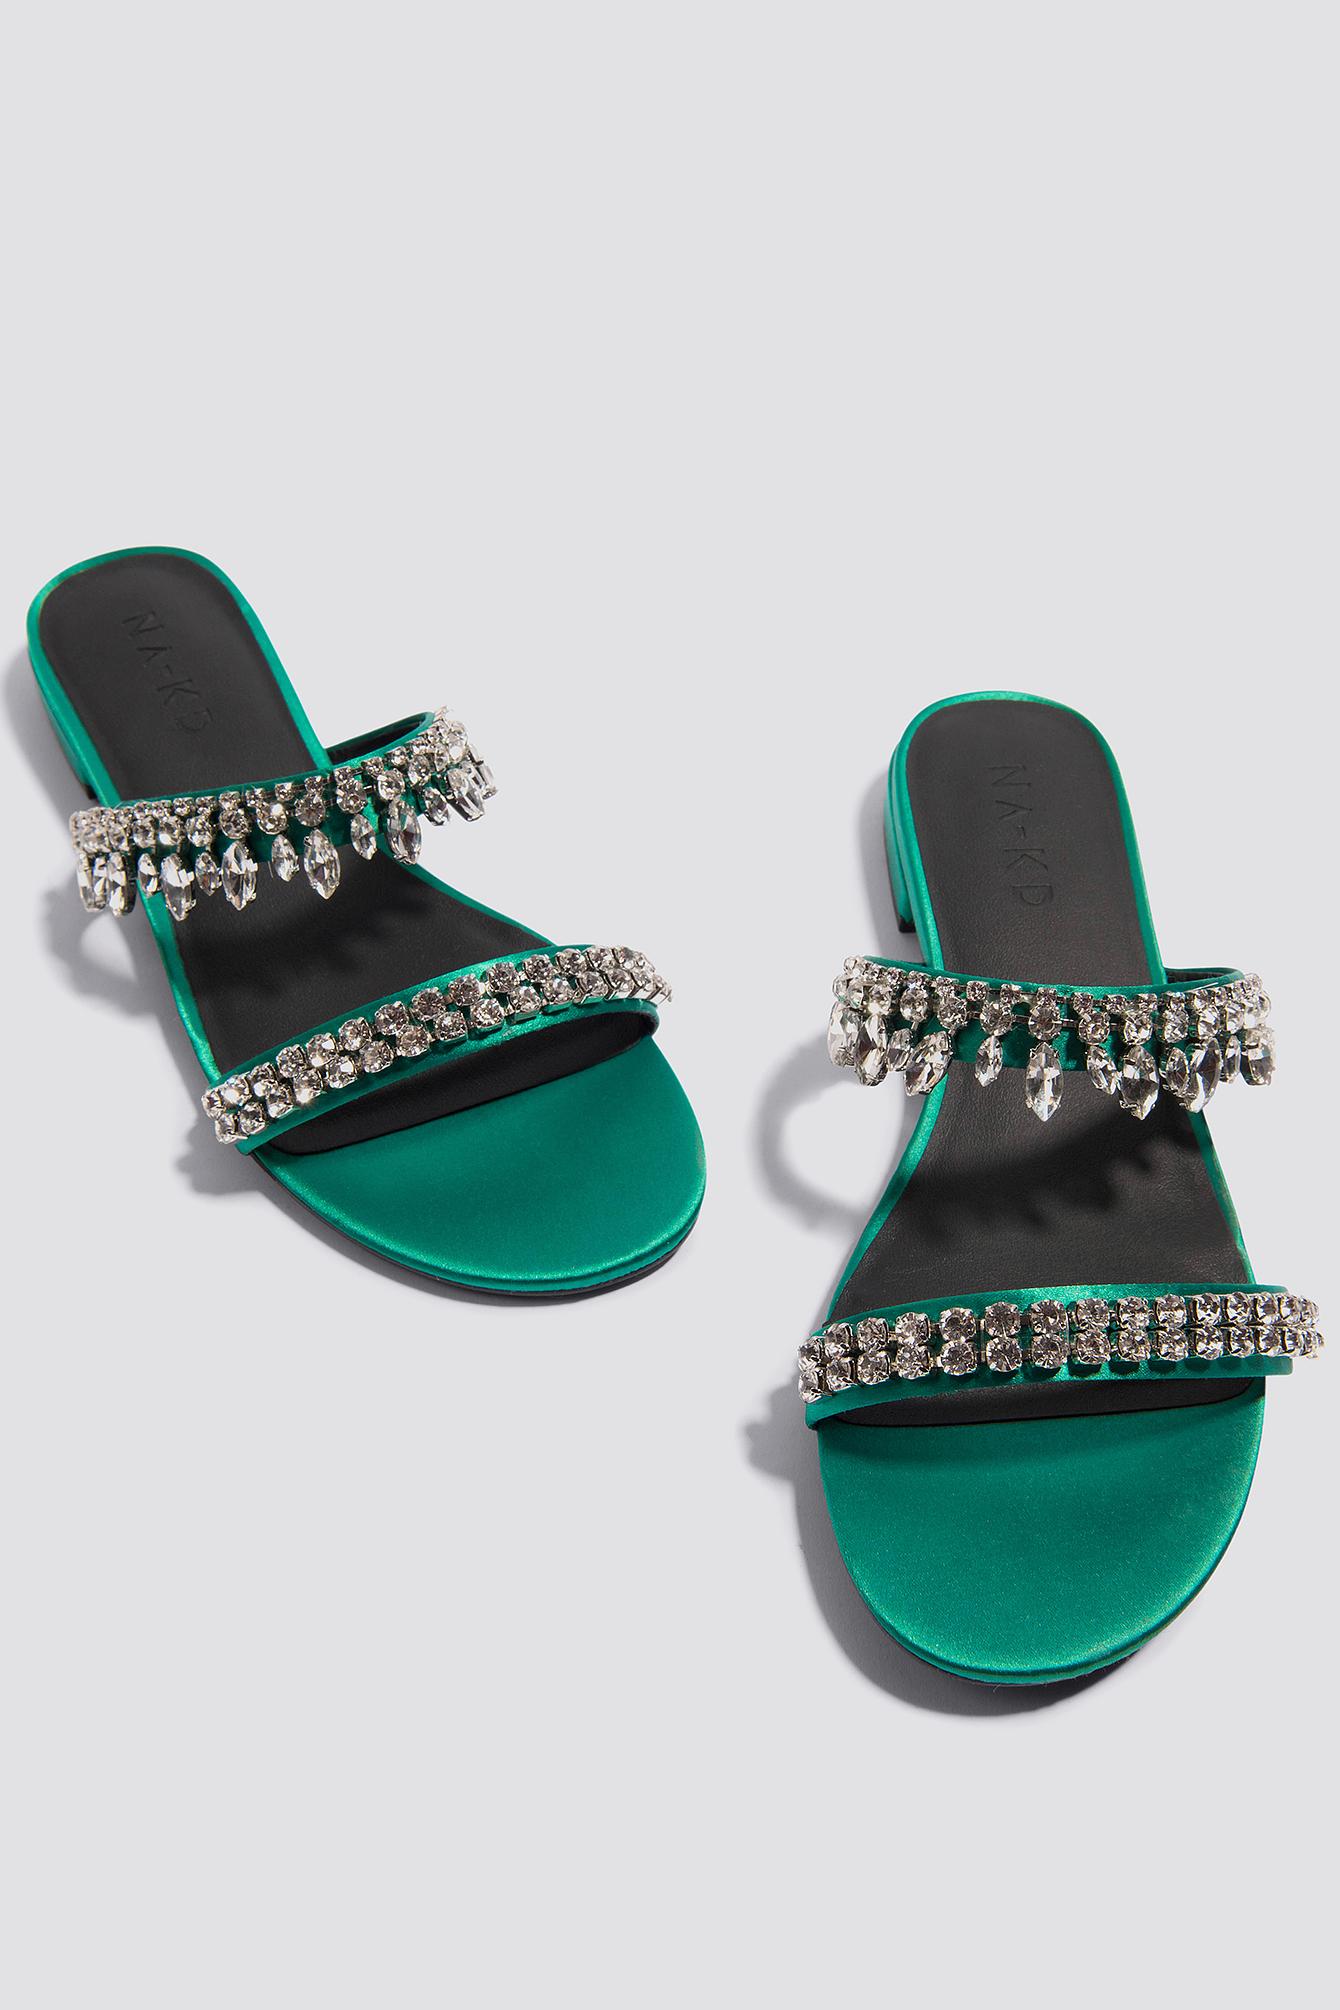 NA-KD Embellished Slip-In Sandals 3OAL3UFej